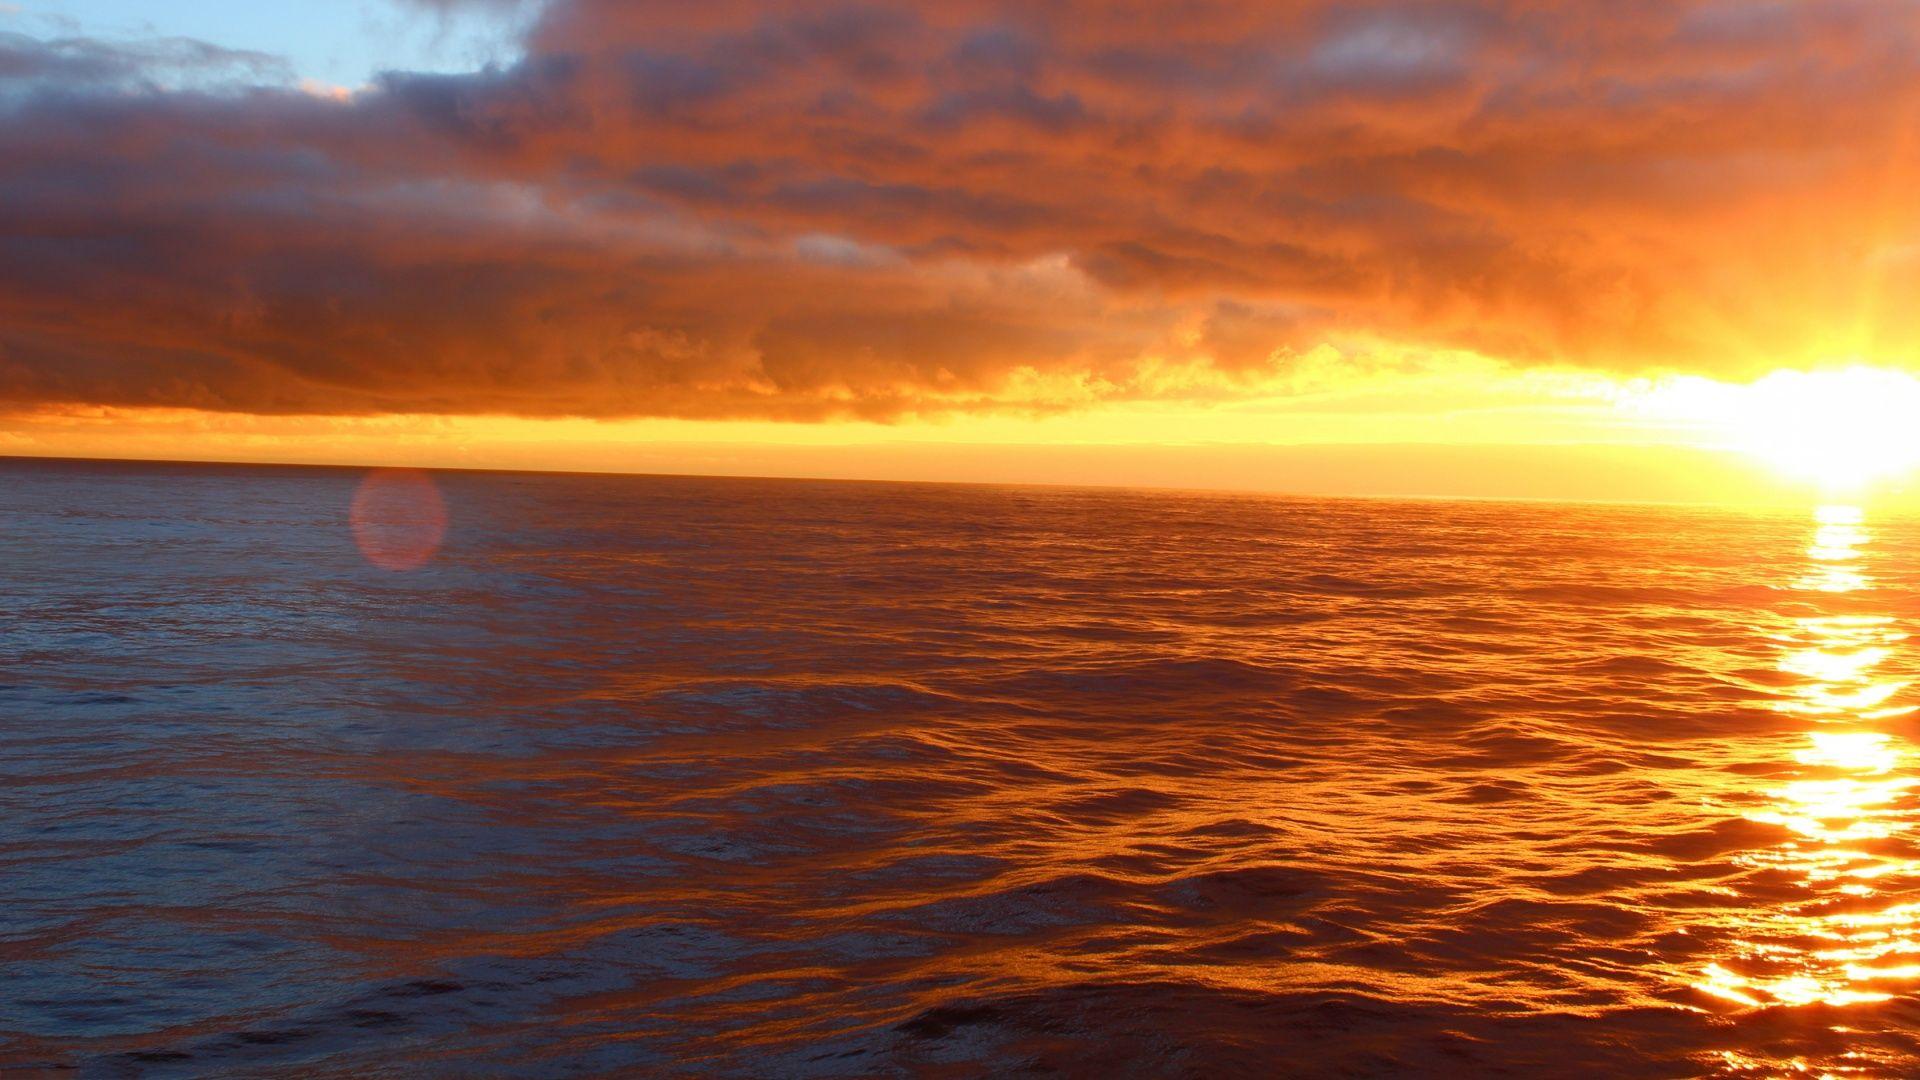 Ocean Sunset good wallpaper